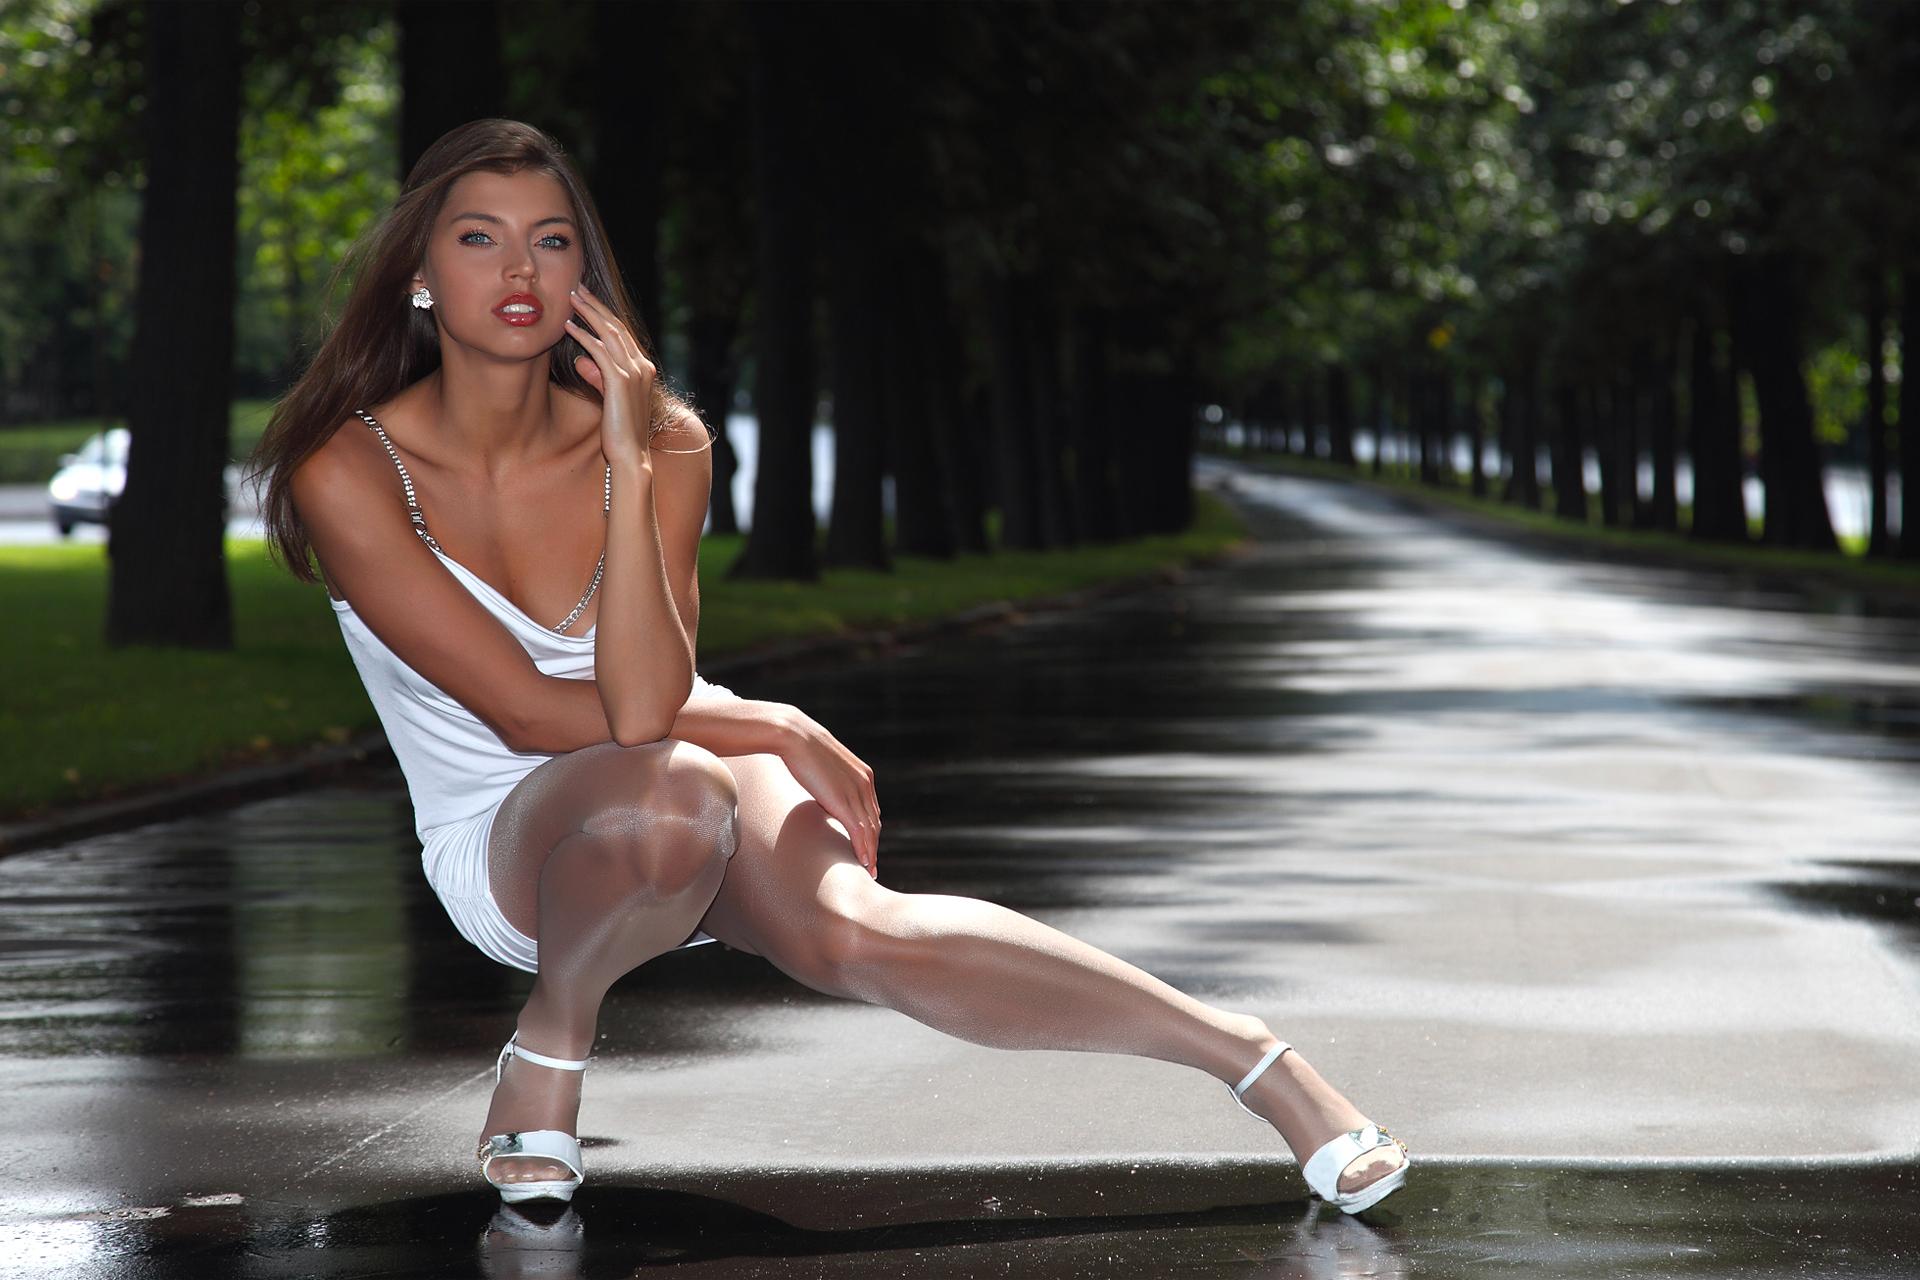 Фото девочка в юбке на корточках, Дамы на корточках без трусиков 6 фотография